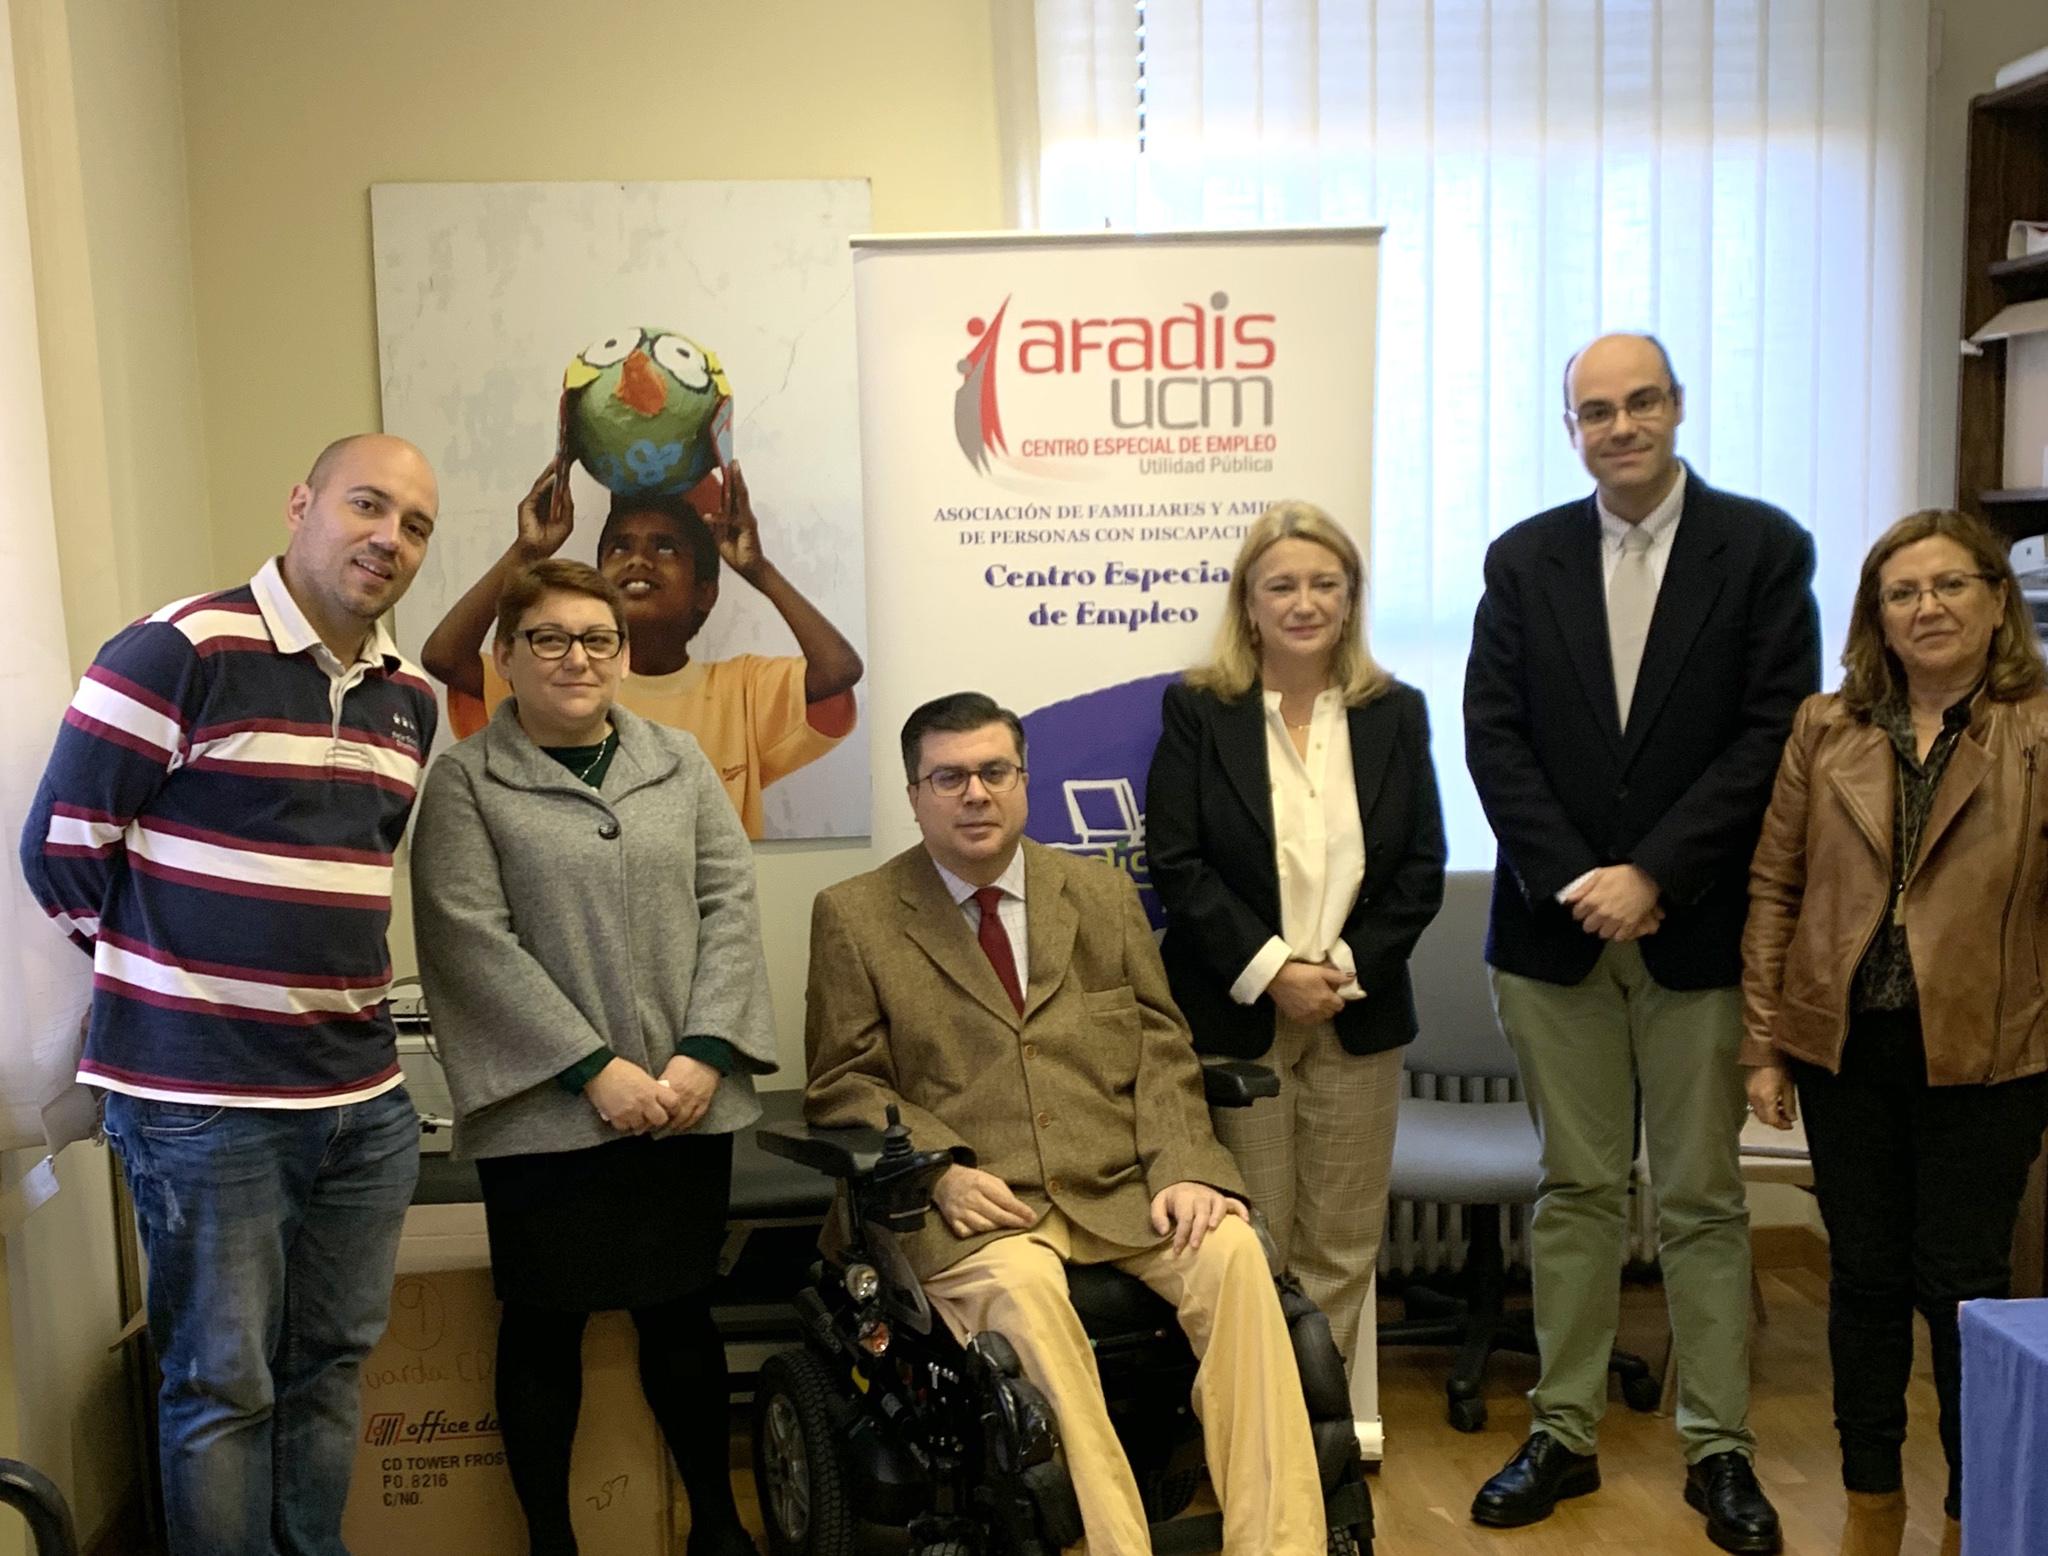 Acuerdo entre FAMMA y AFADIS  por la accesibilidad en la Complutense